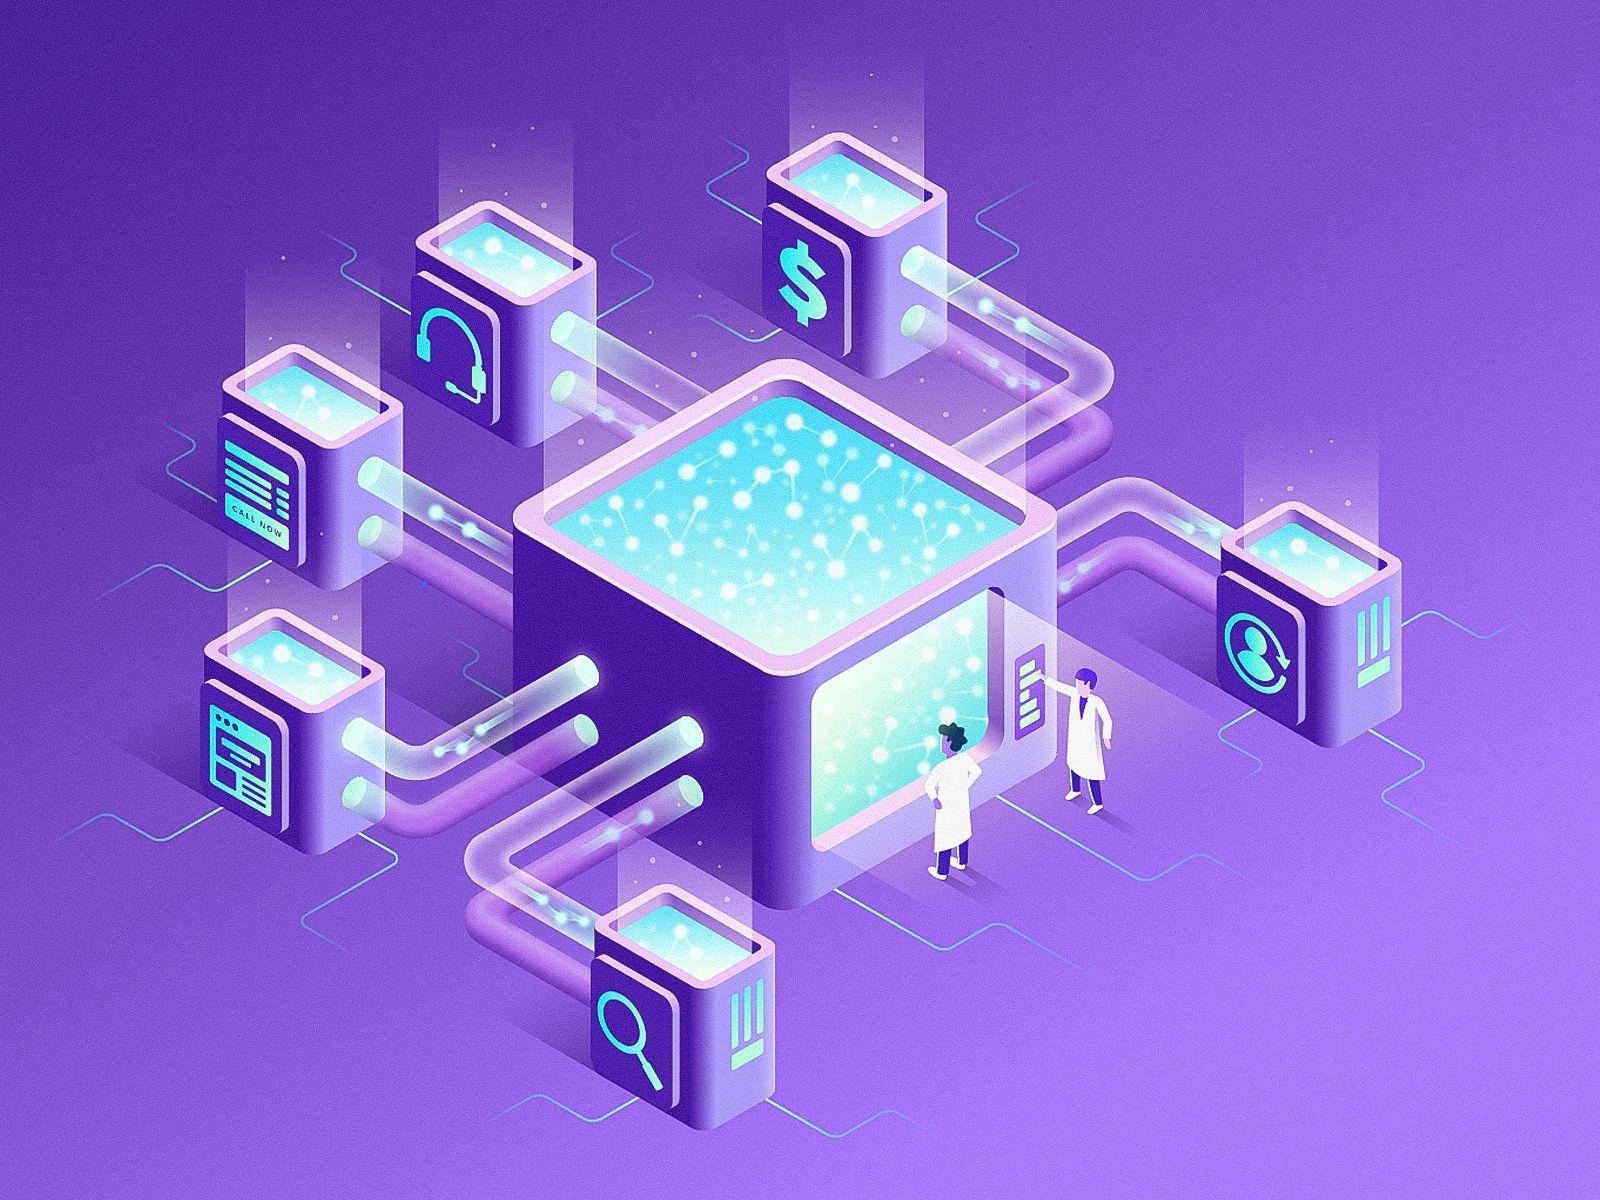 Data Clearinghouse   Isometric design, Isometric illustration, Isometric